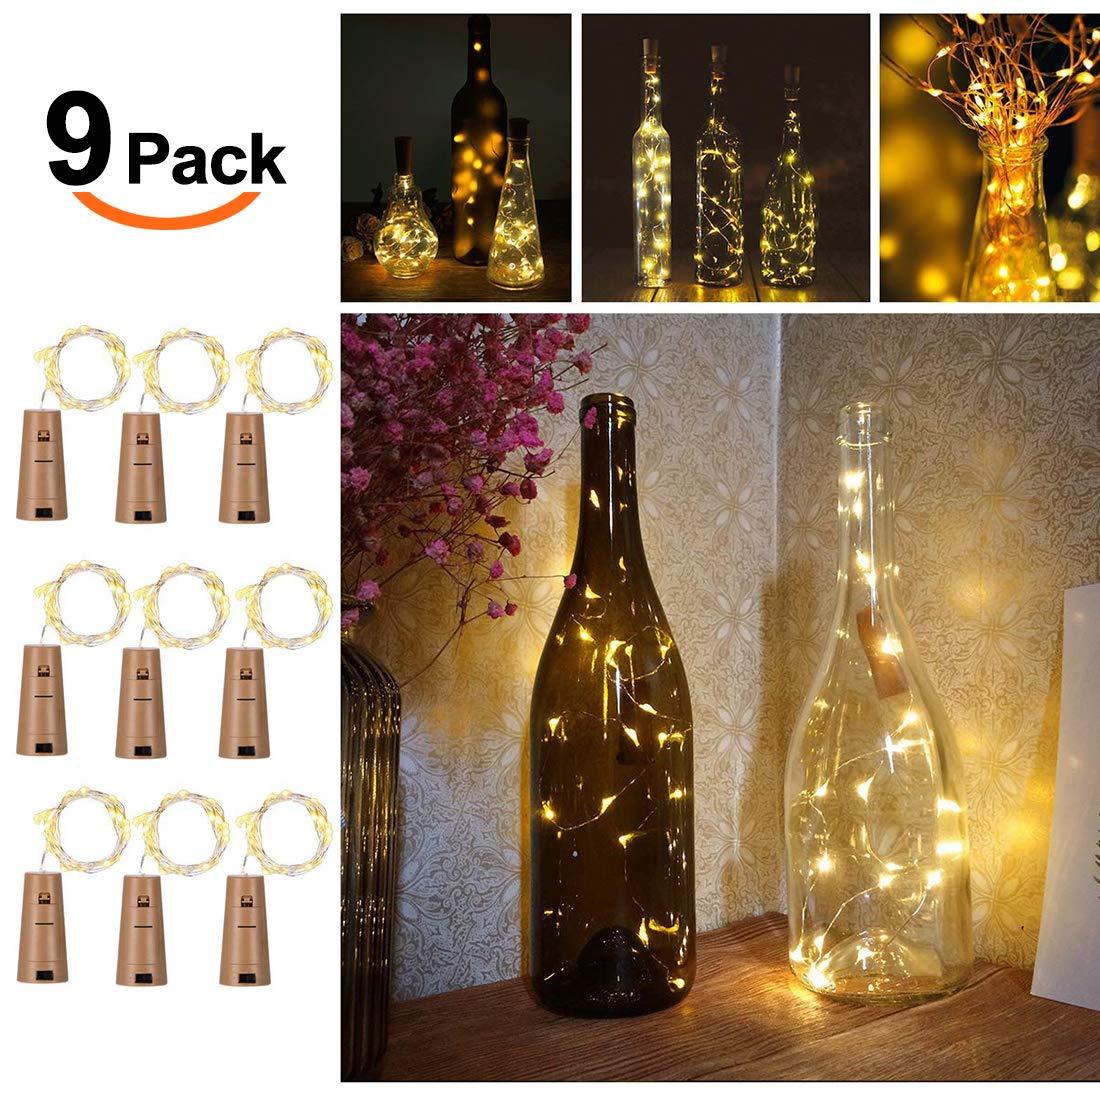 9x 20 Led Flaschen Licht Flaschenlichter Lichterketten Nacht Licht